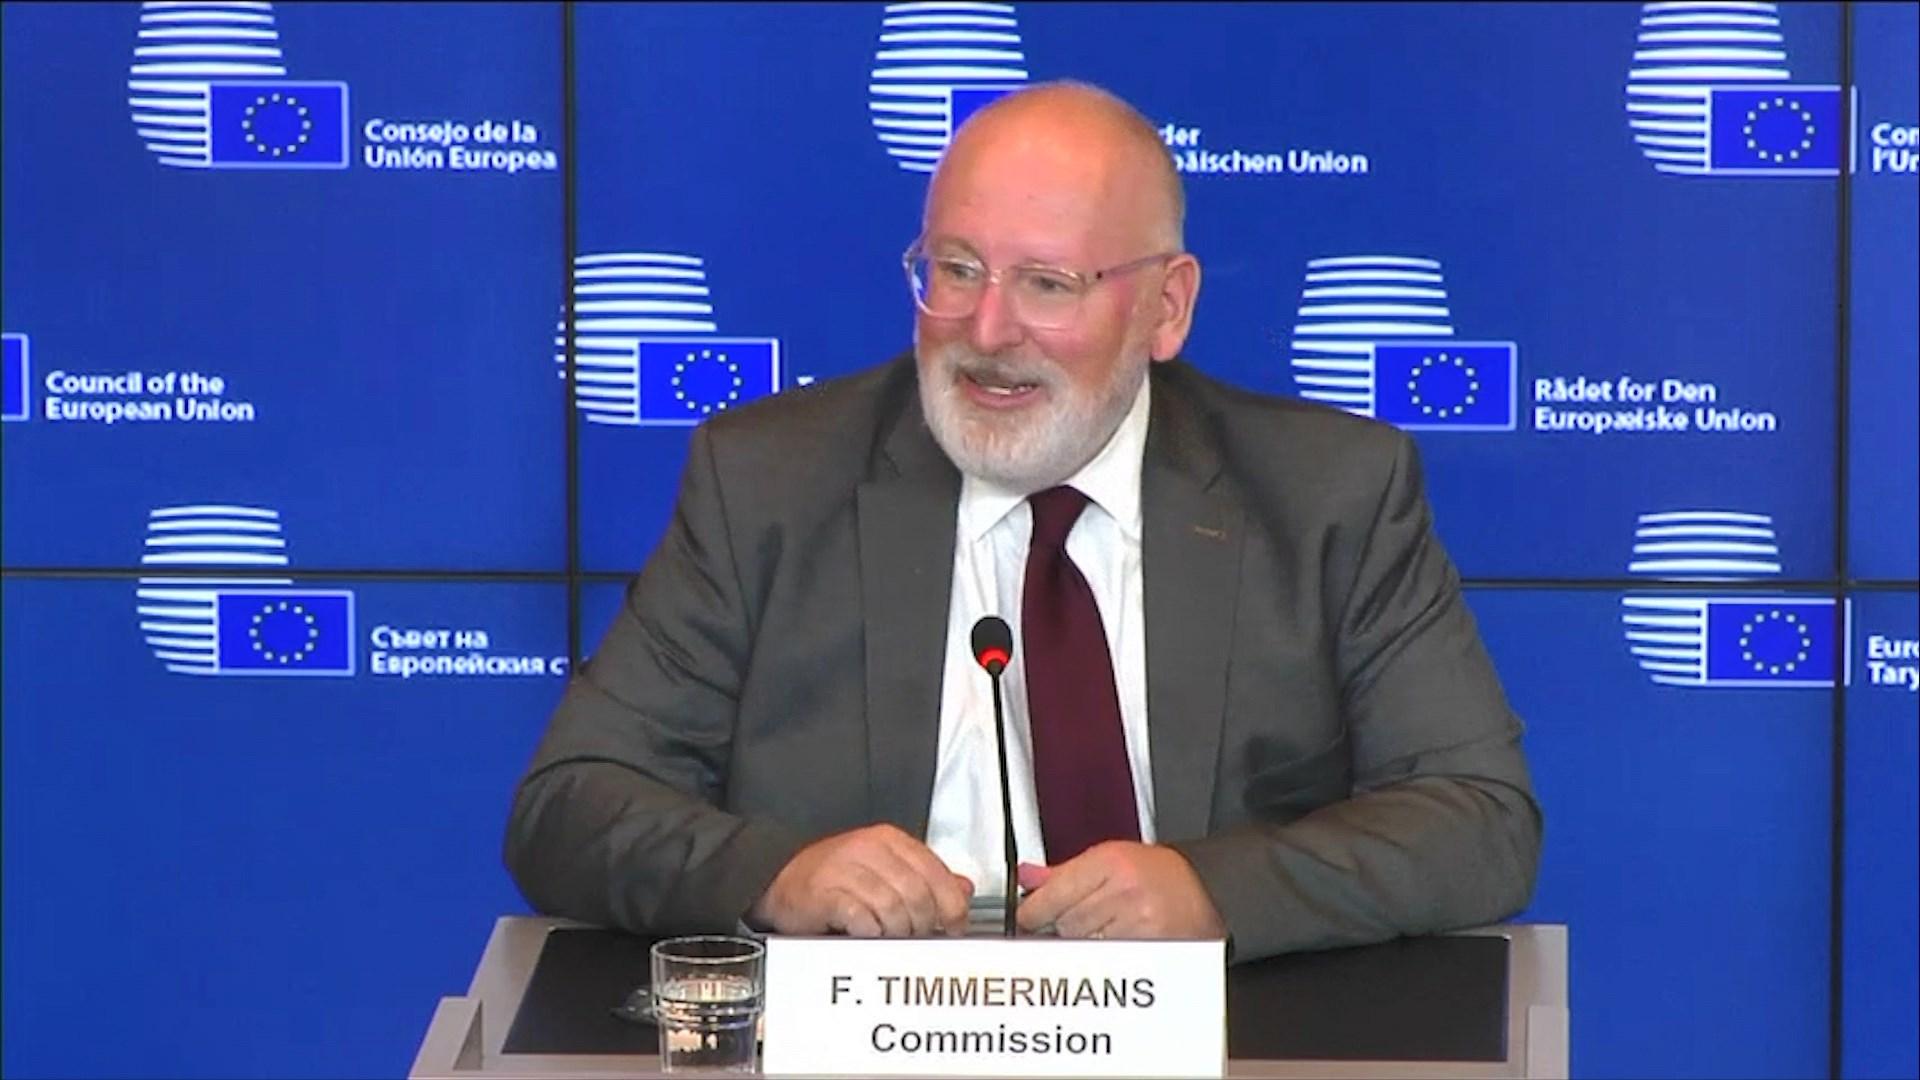 Negociatat/ Timmermans: Rezultat fantastik, Hahn: Partnerët bënë detyrat